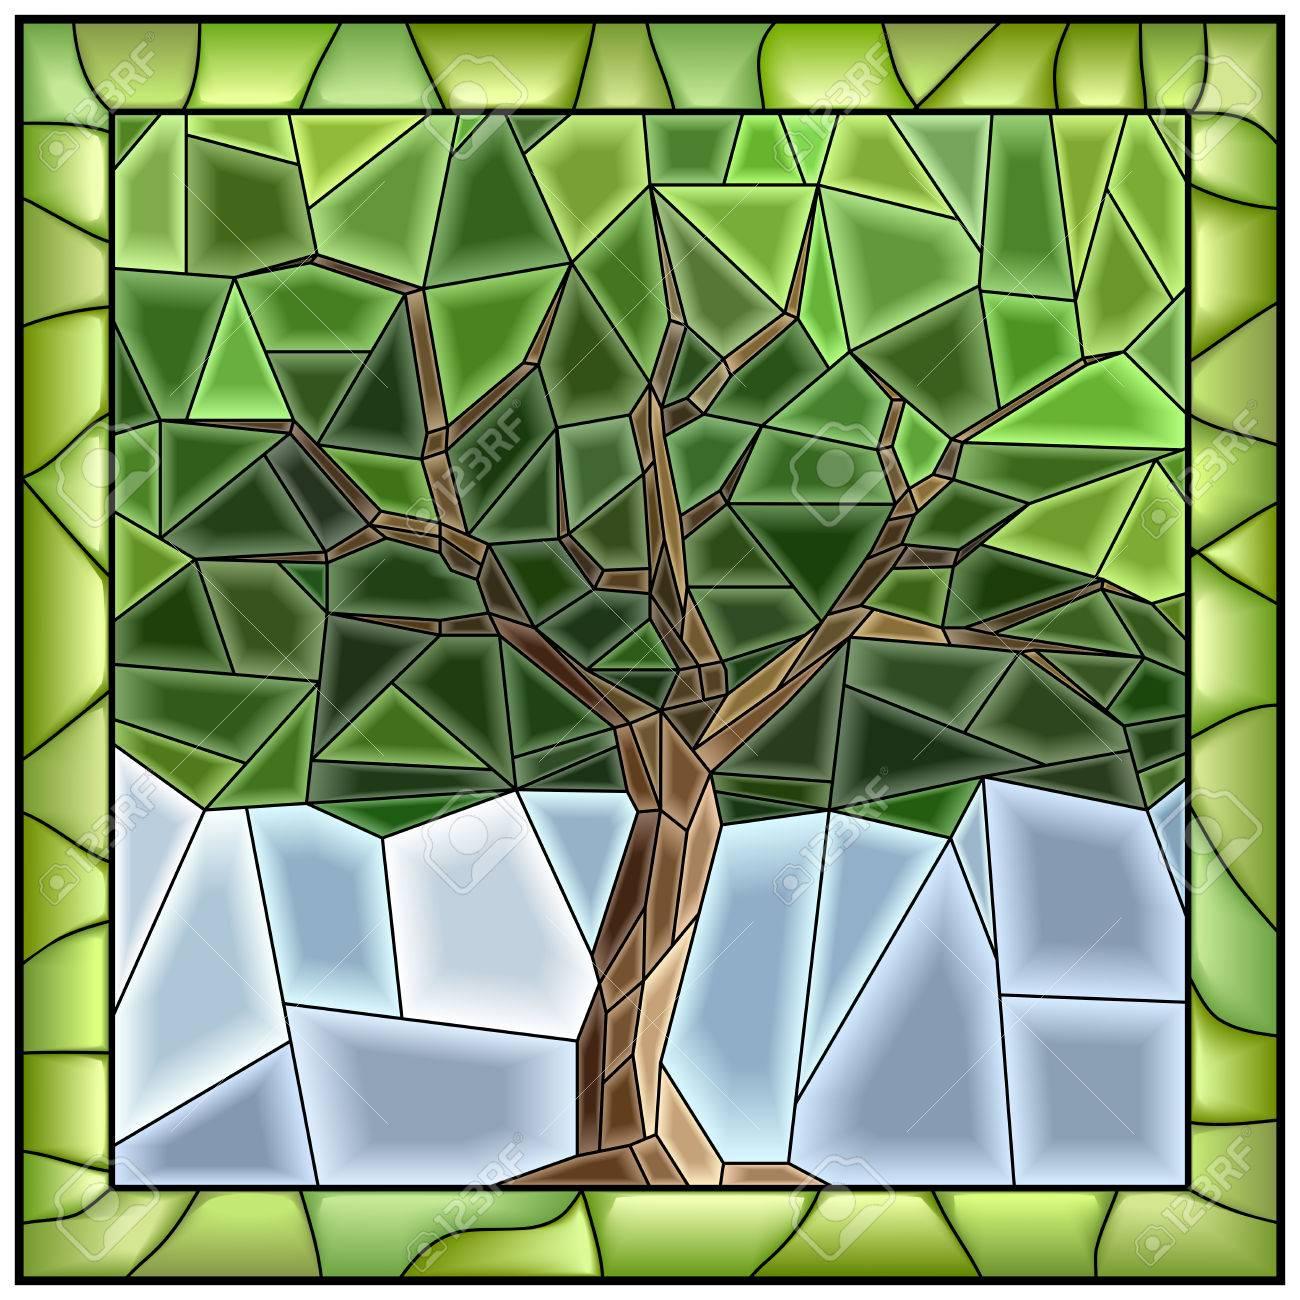 Vector Ilustración De La Vidriera Con Marco De árbol. Ilustraciones ...